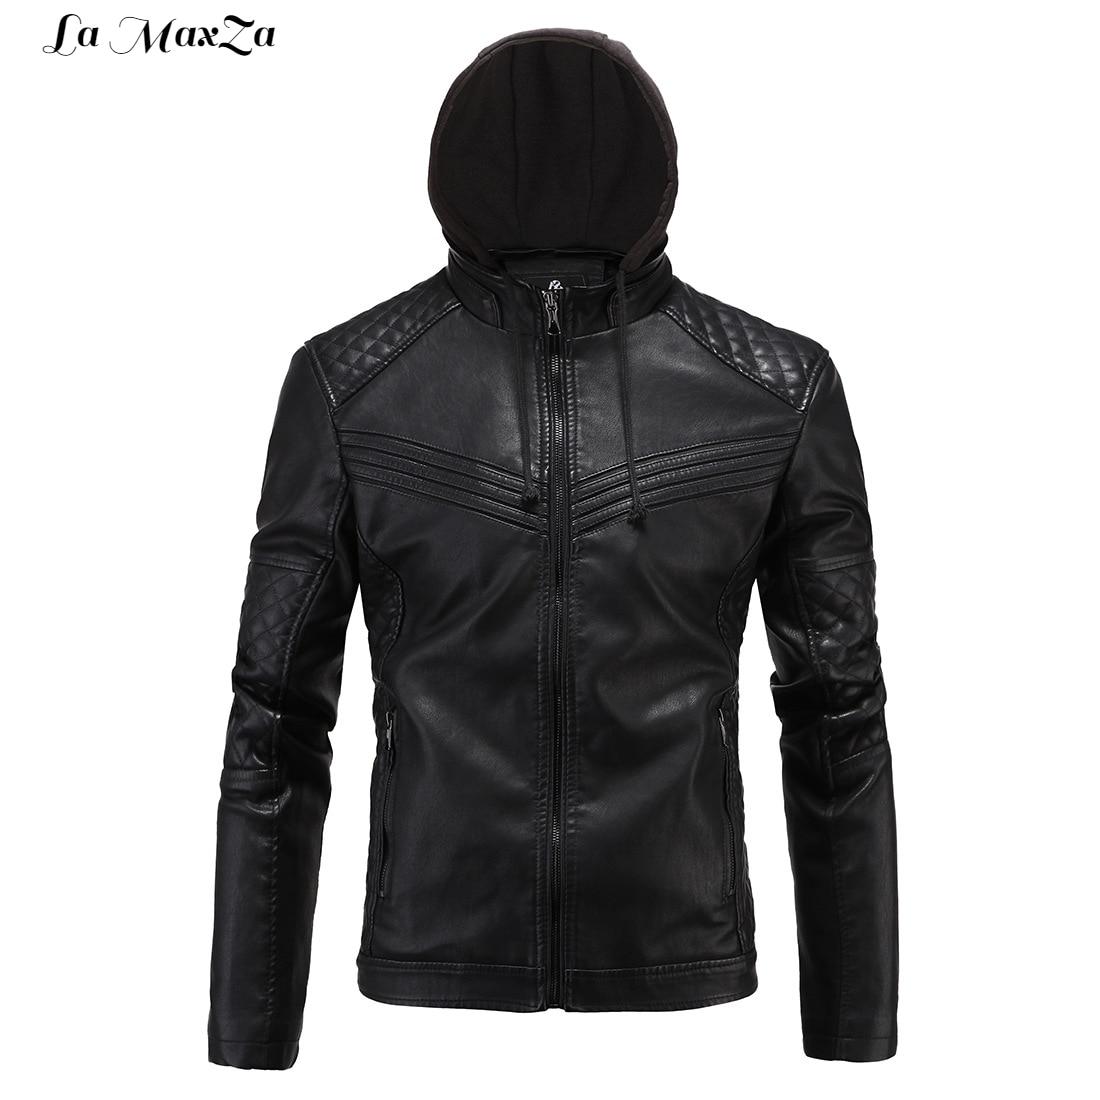 Moto Stand Poches Angleterre Style Hommes Manteau Faux Slim Cuir En Noir Pu Veste Vestes D'hiver 1fwOFgxqw